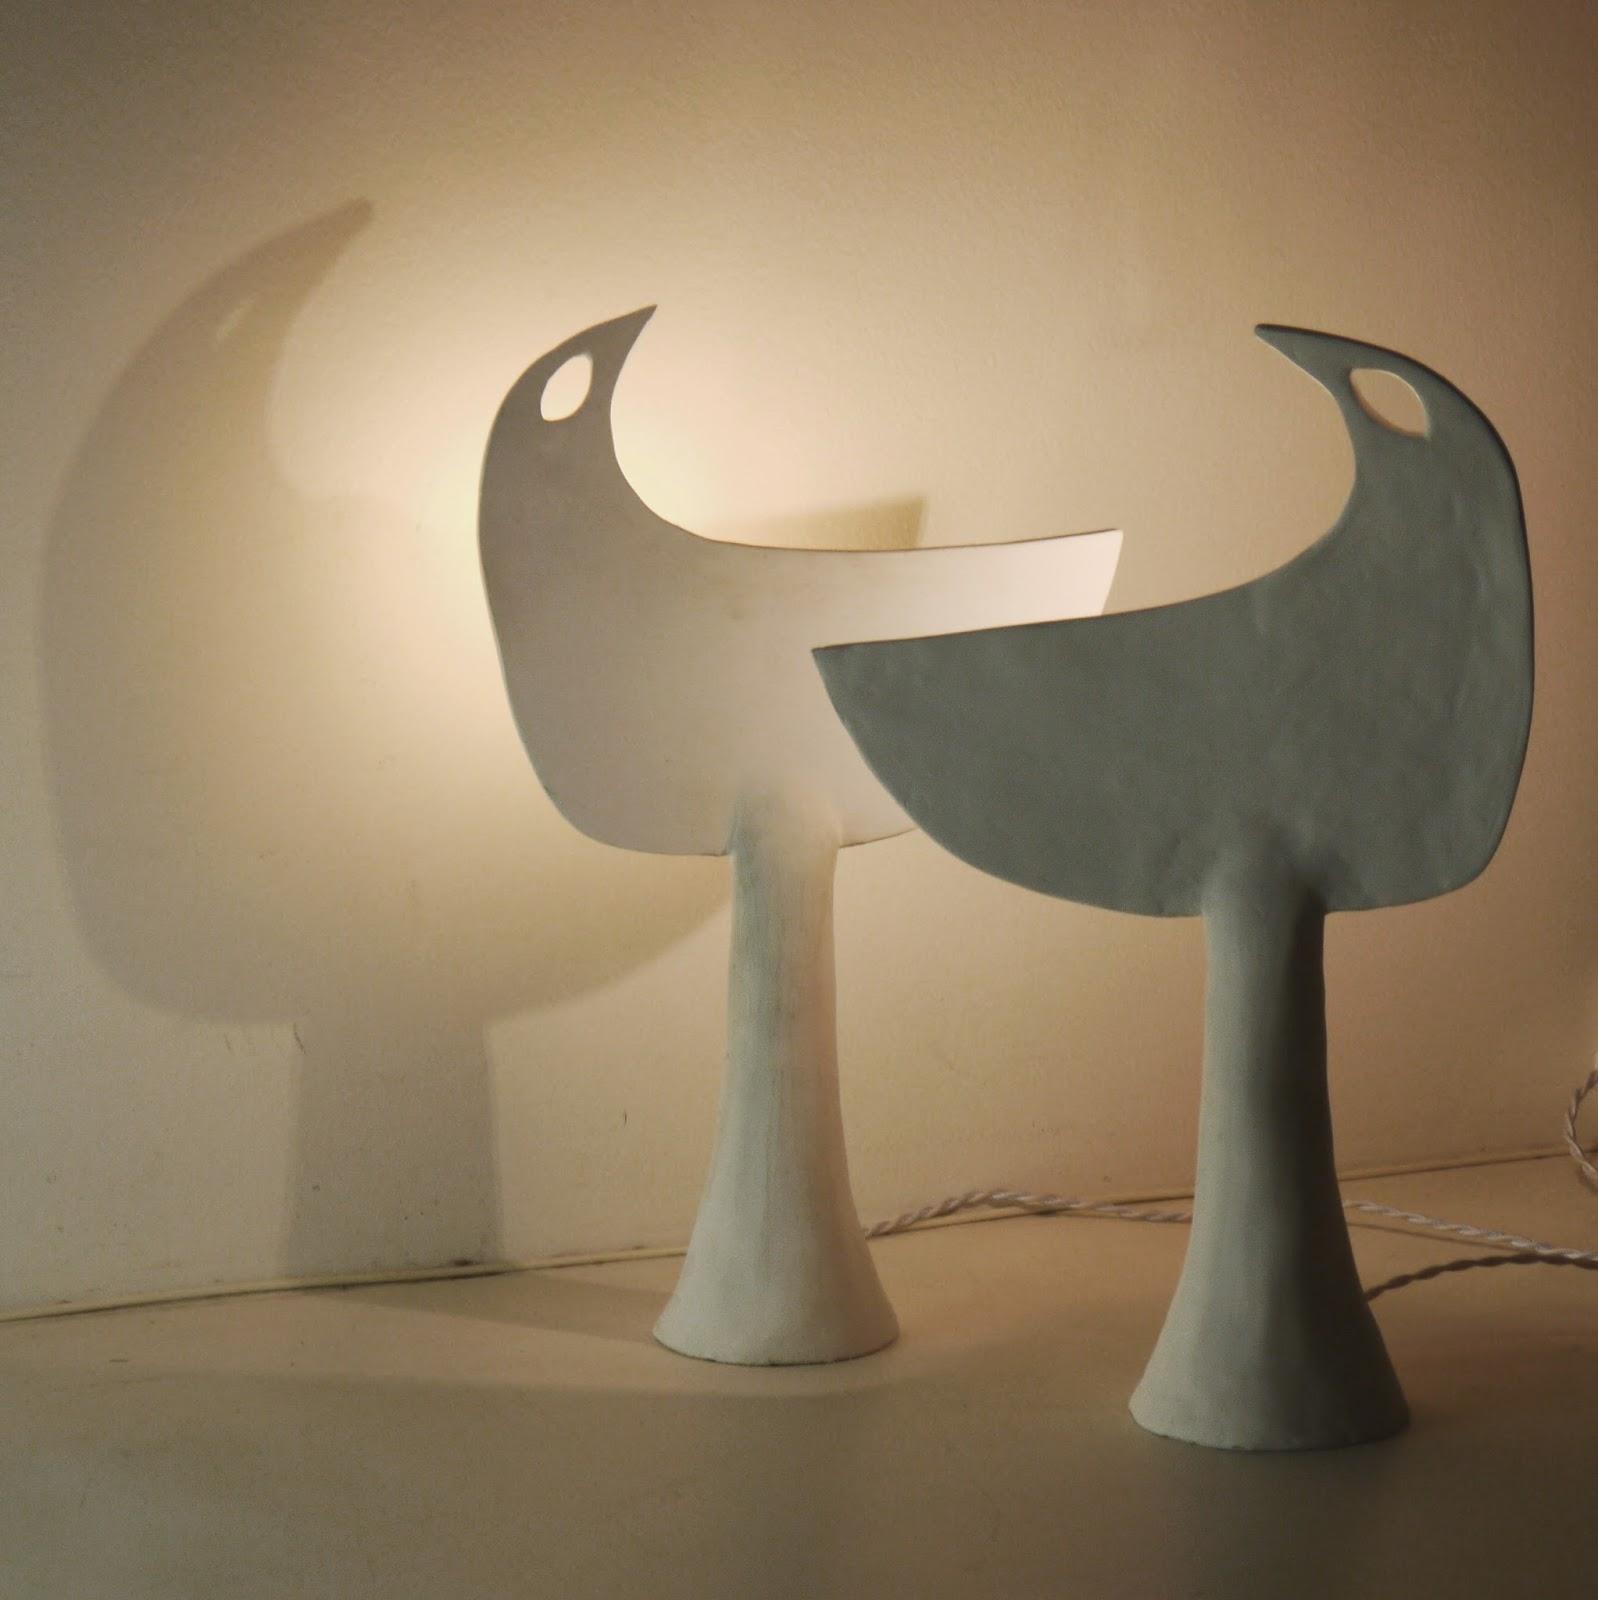 rifosdesign: LAMPE OISEAU - Lampe Oiseau